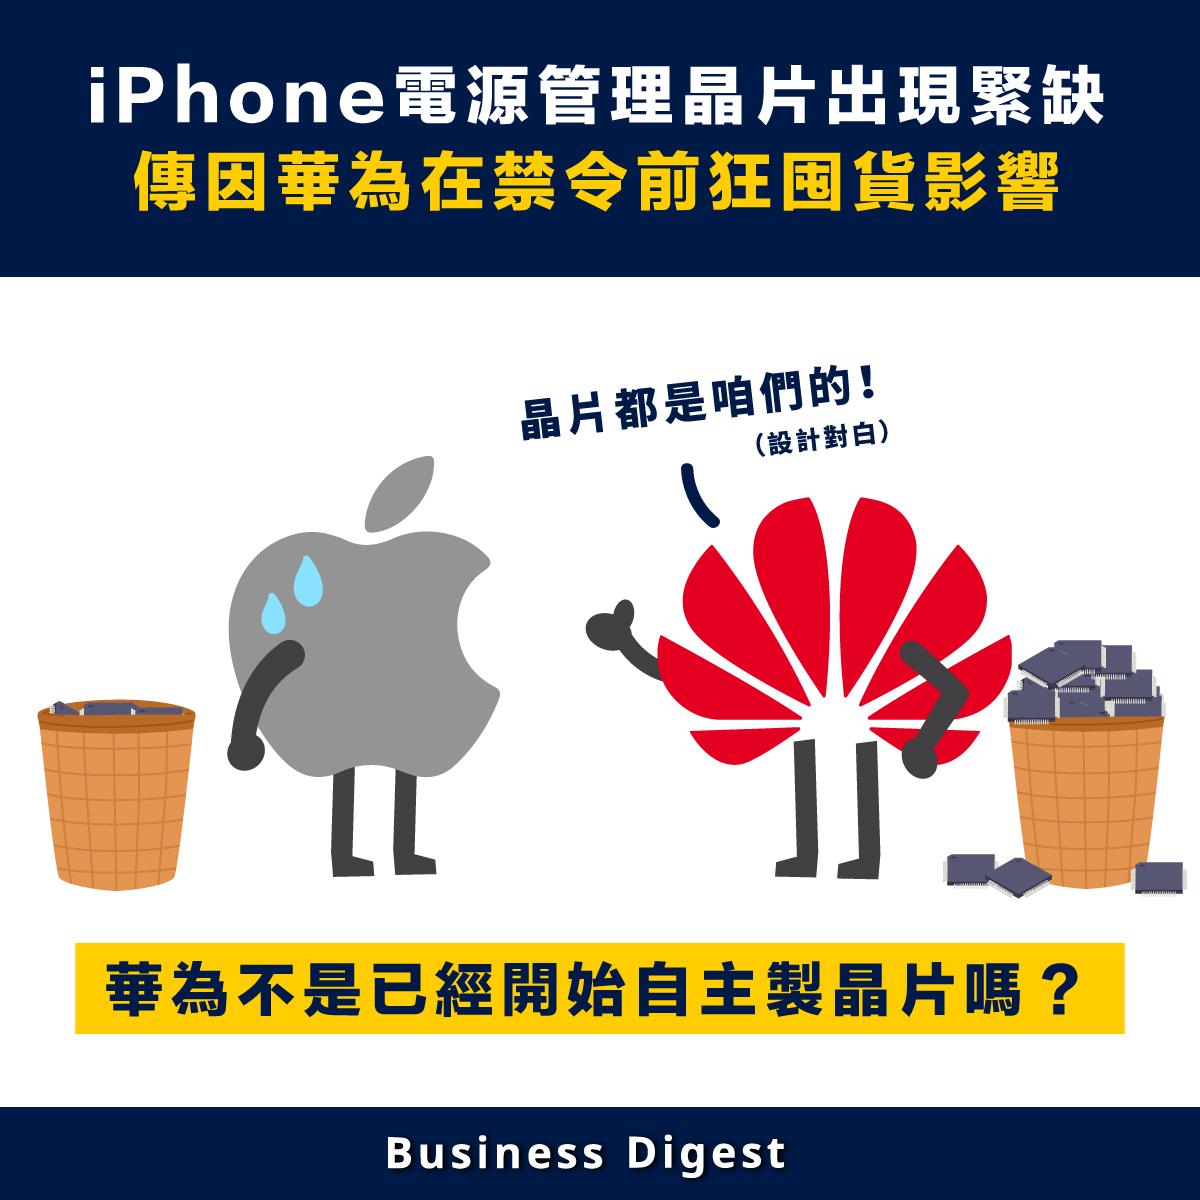 外媒消息,蘋果iPhone生產線面臨電源晶片的短缺,或難以滿足年底旺季需求,主要是受到疫情及華為大量囤貨,導致市場供應緊張。